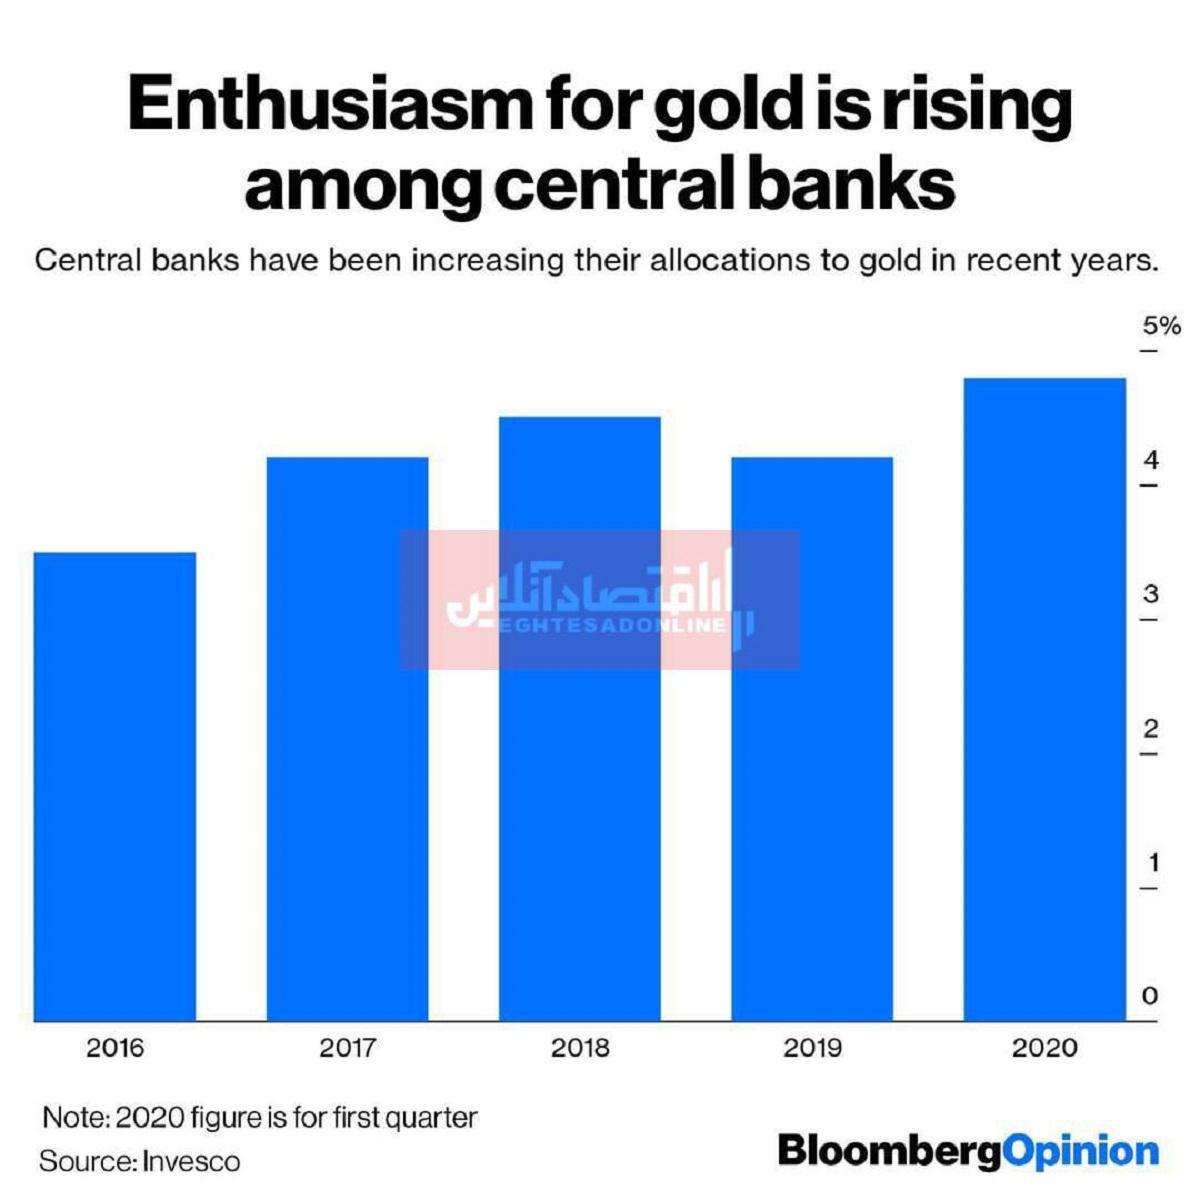 تخصیص بانکهای مرکزی به طلا